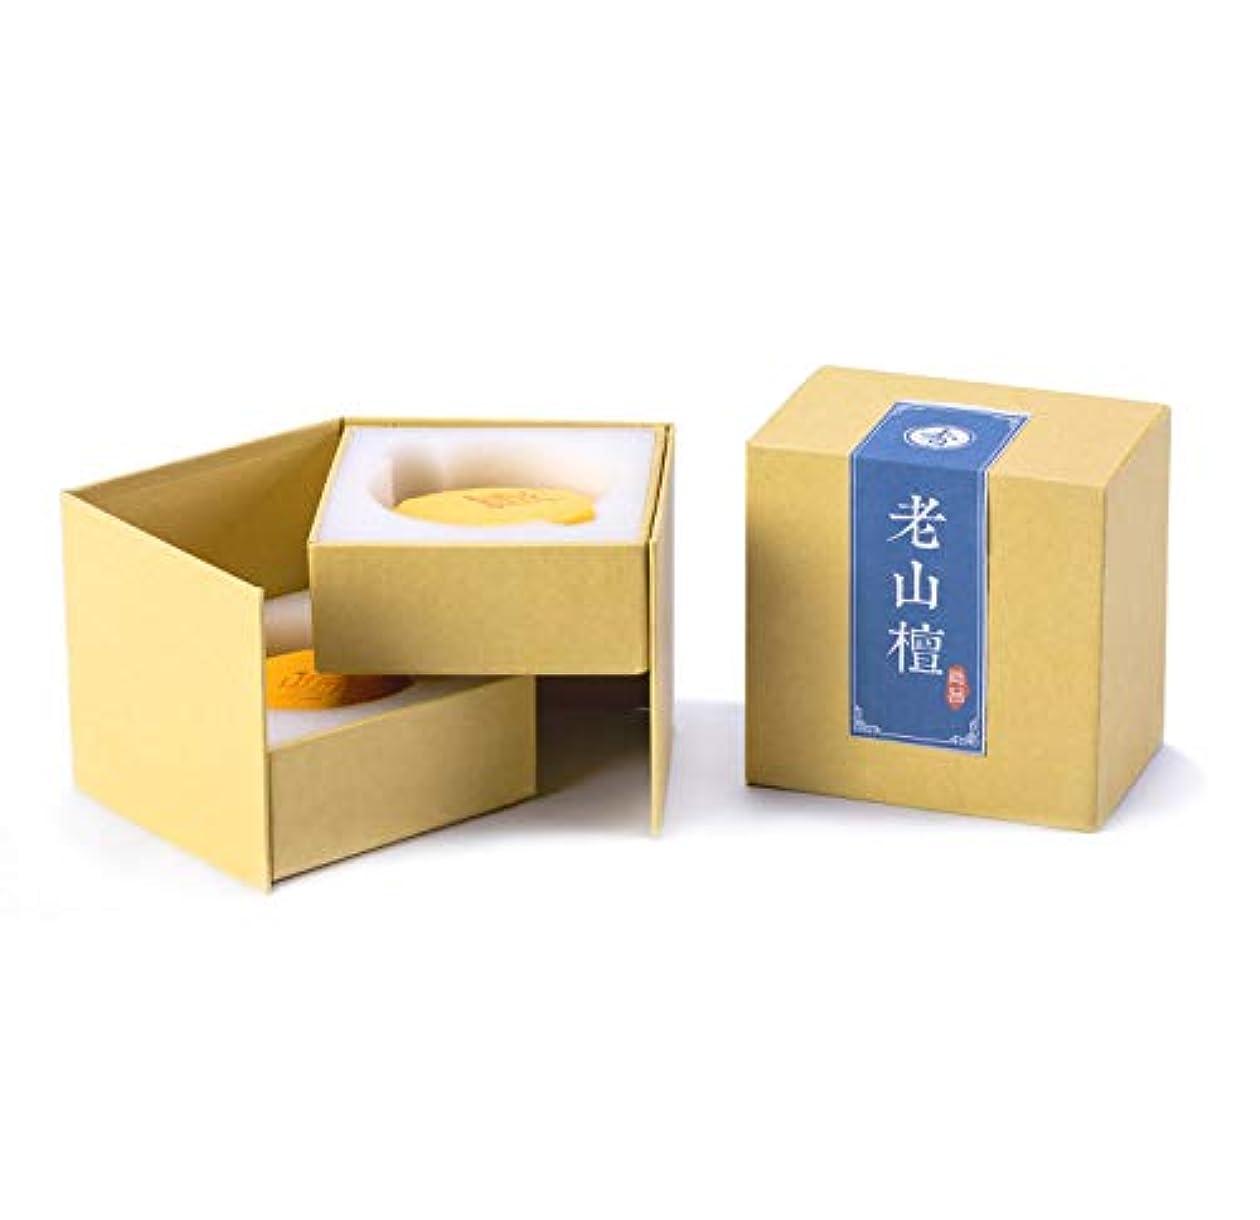 ライム年齢典型的なHwaGui お香 優しい香り 渦巻き線香 4時間盤香 40巻入 白檀